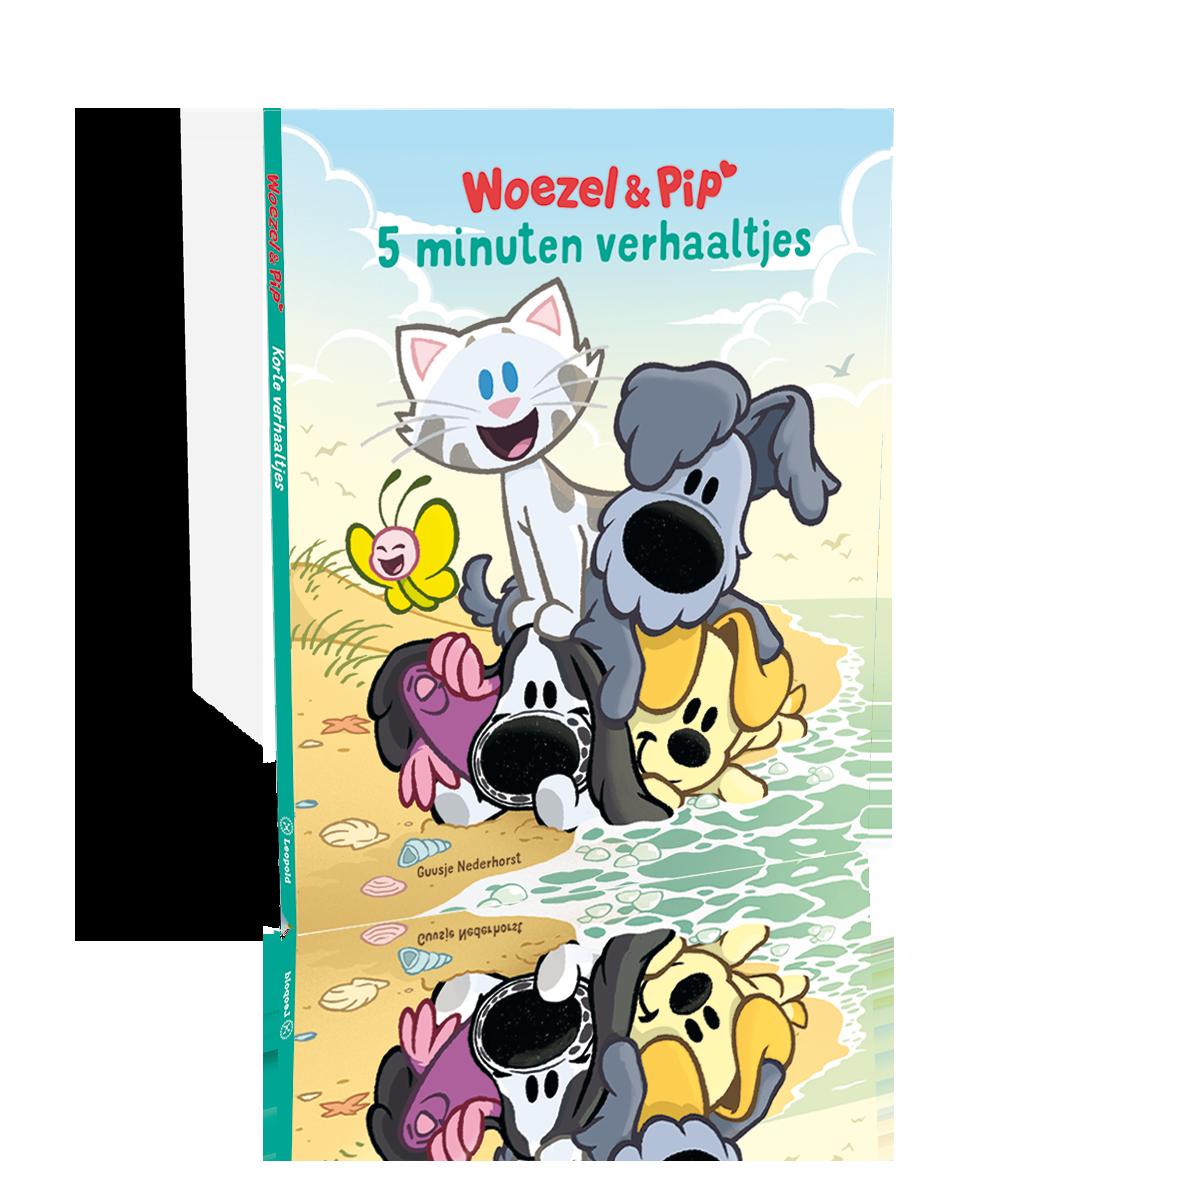 Wonderlijk Woezel & Pip - De 5 leukste boeken voor op vakantie! BU-95